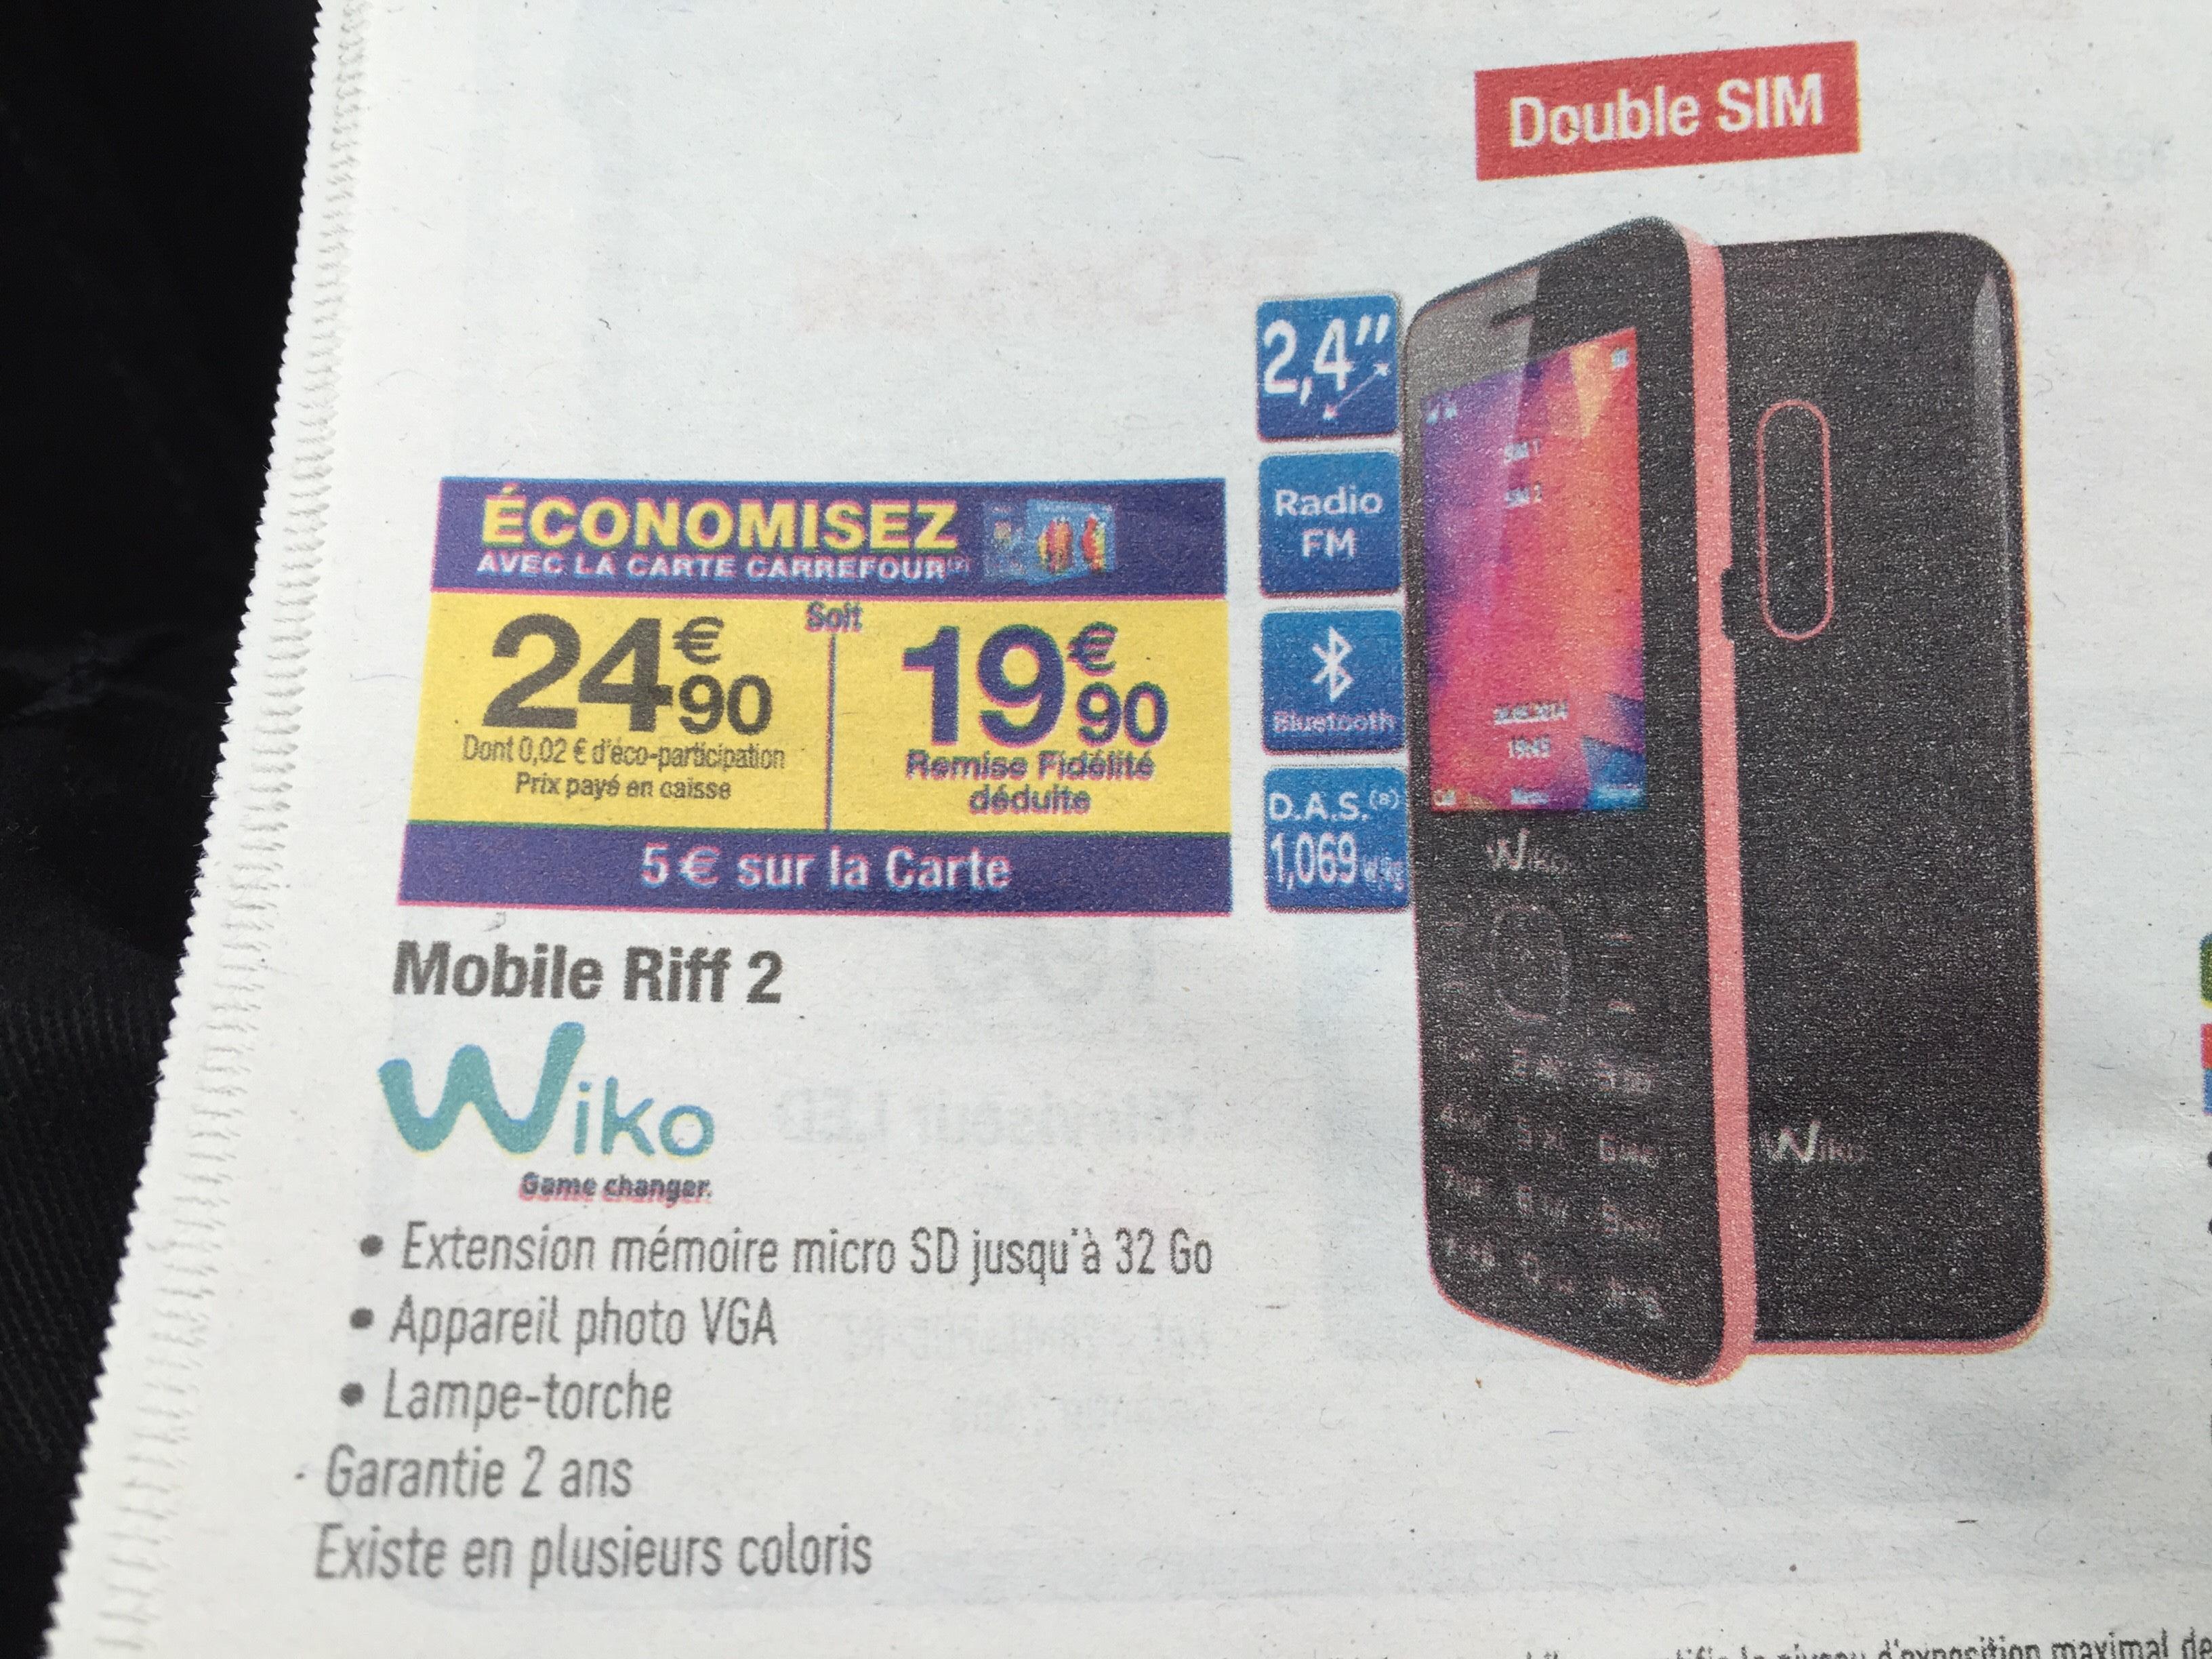 Téléphone Wiko Riff 2 - Double SIM (avec 5€ sur la carte)